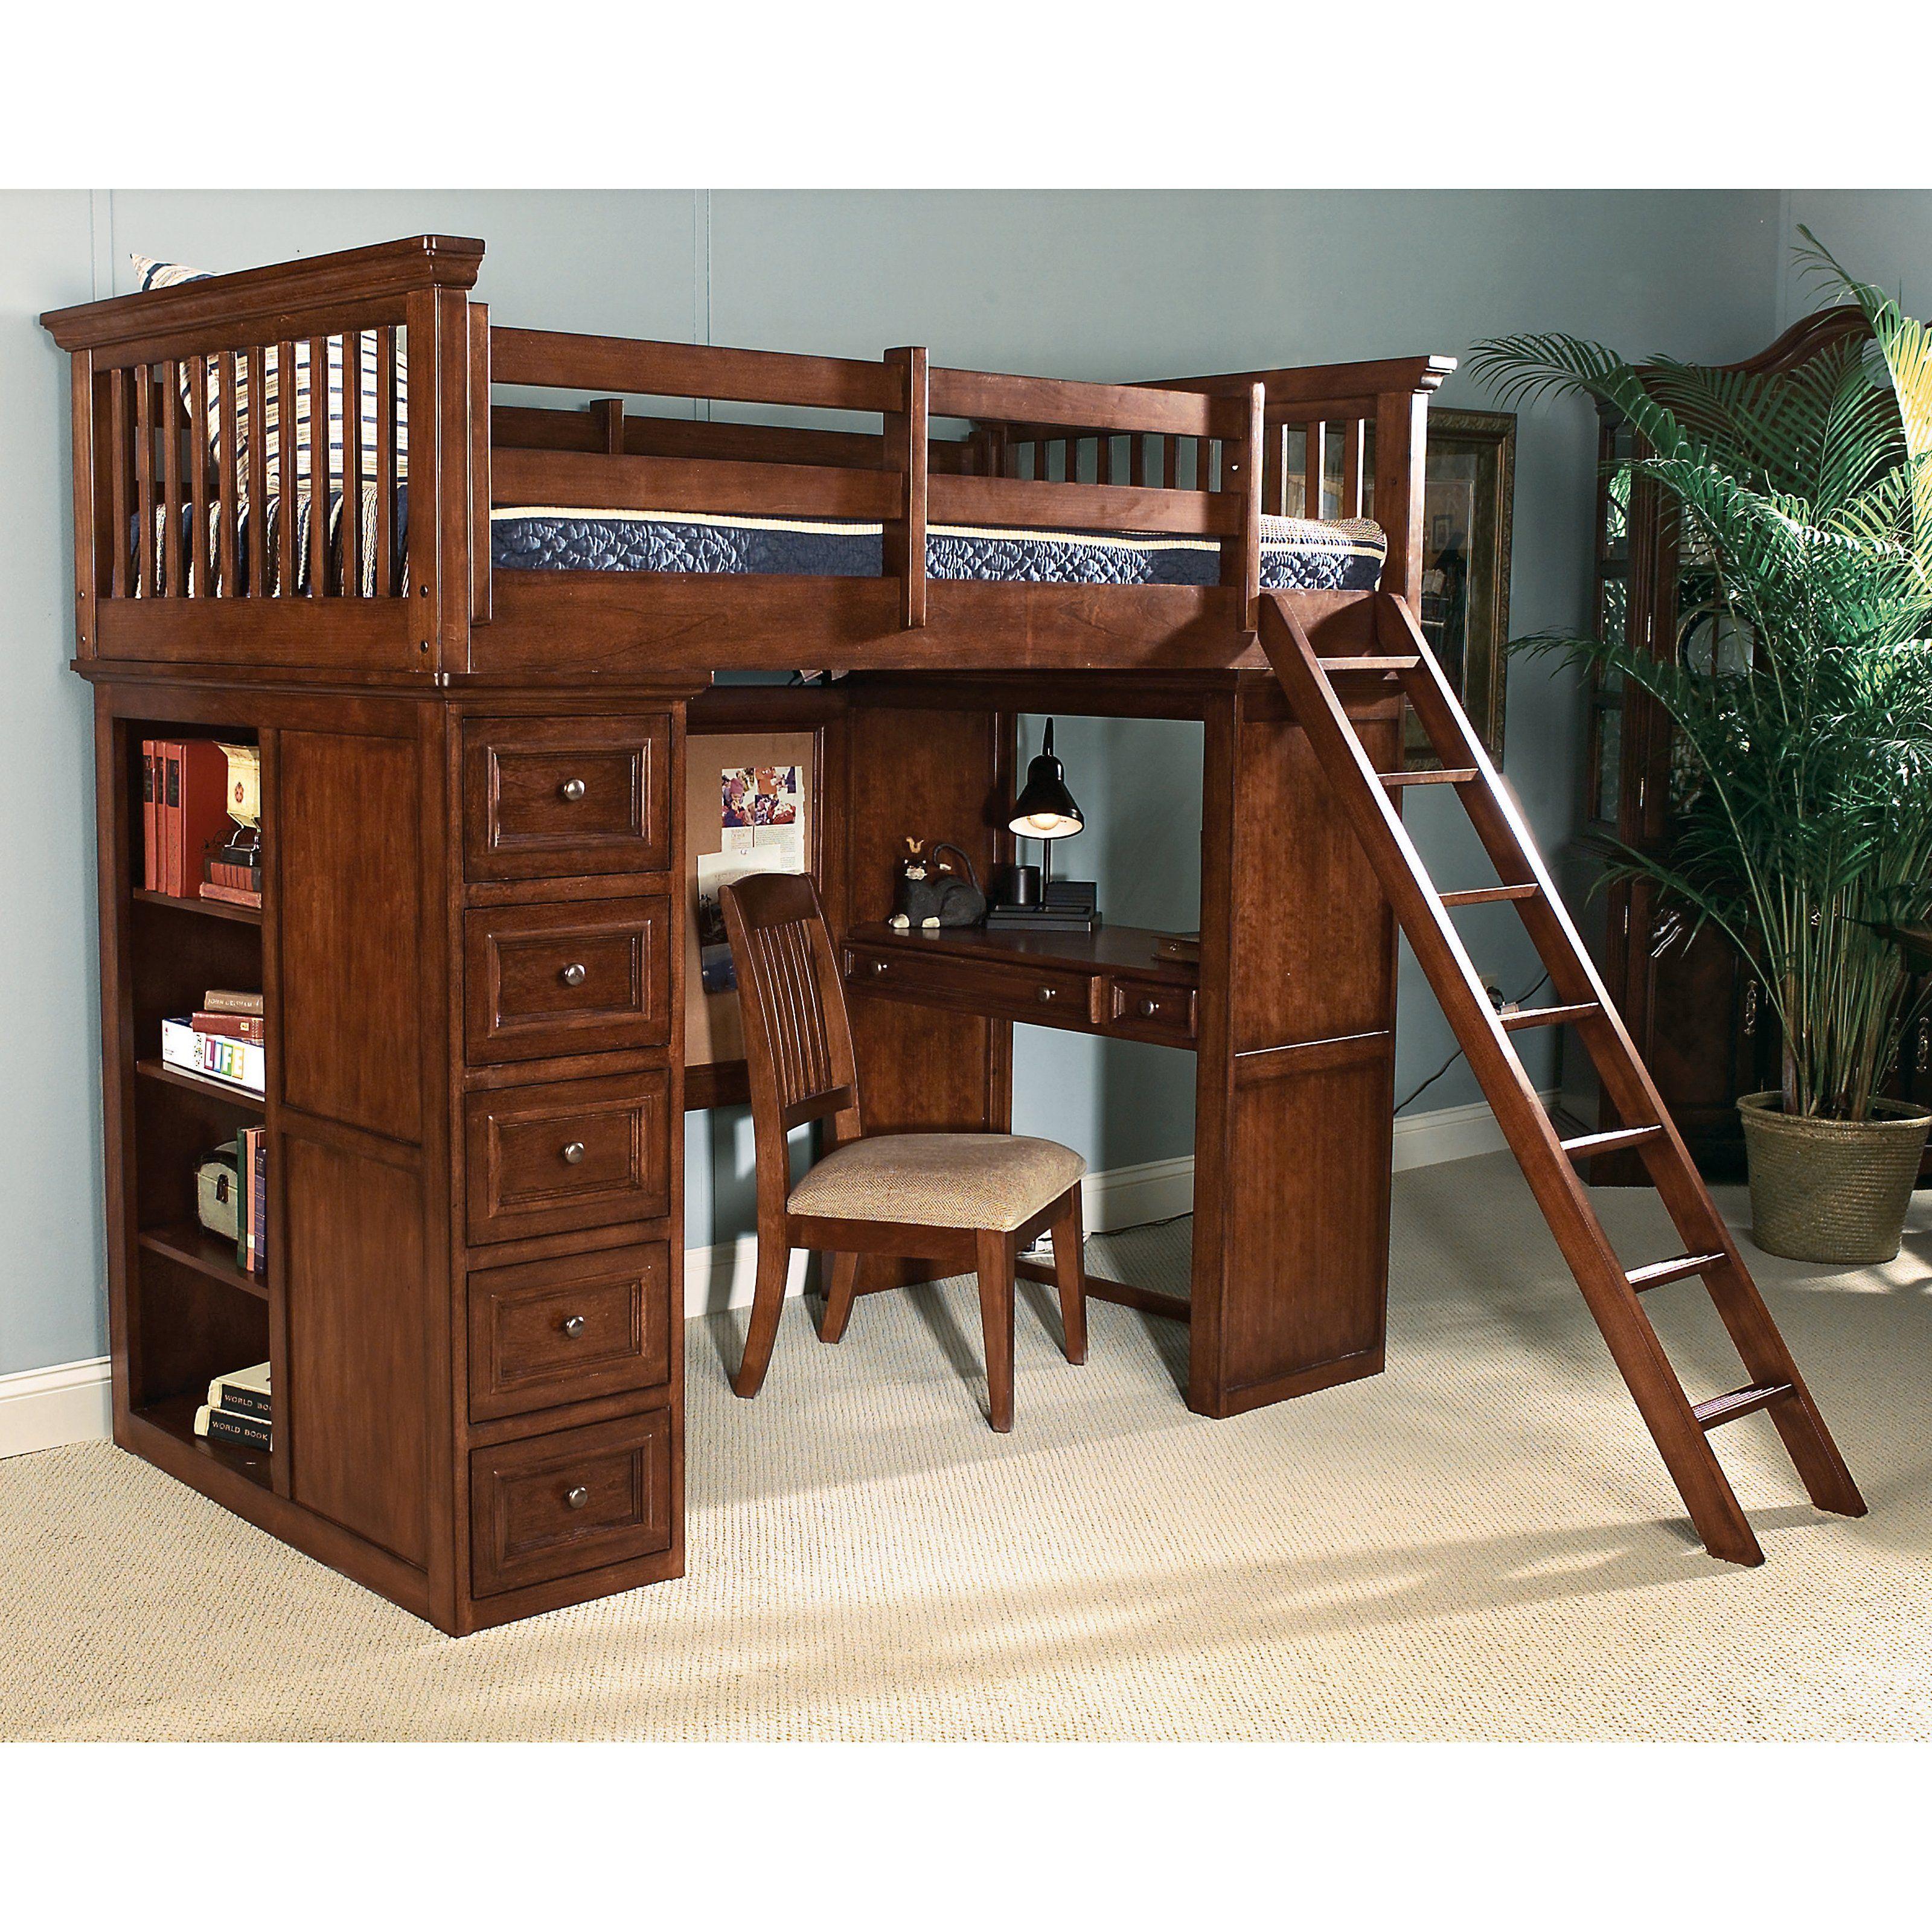 American Spirit Jr Twin Loft Bed Www Hayneedle Com Twin Loft Bed Loft Bed Plans Bed With Desk Underneath